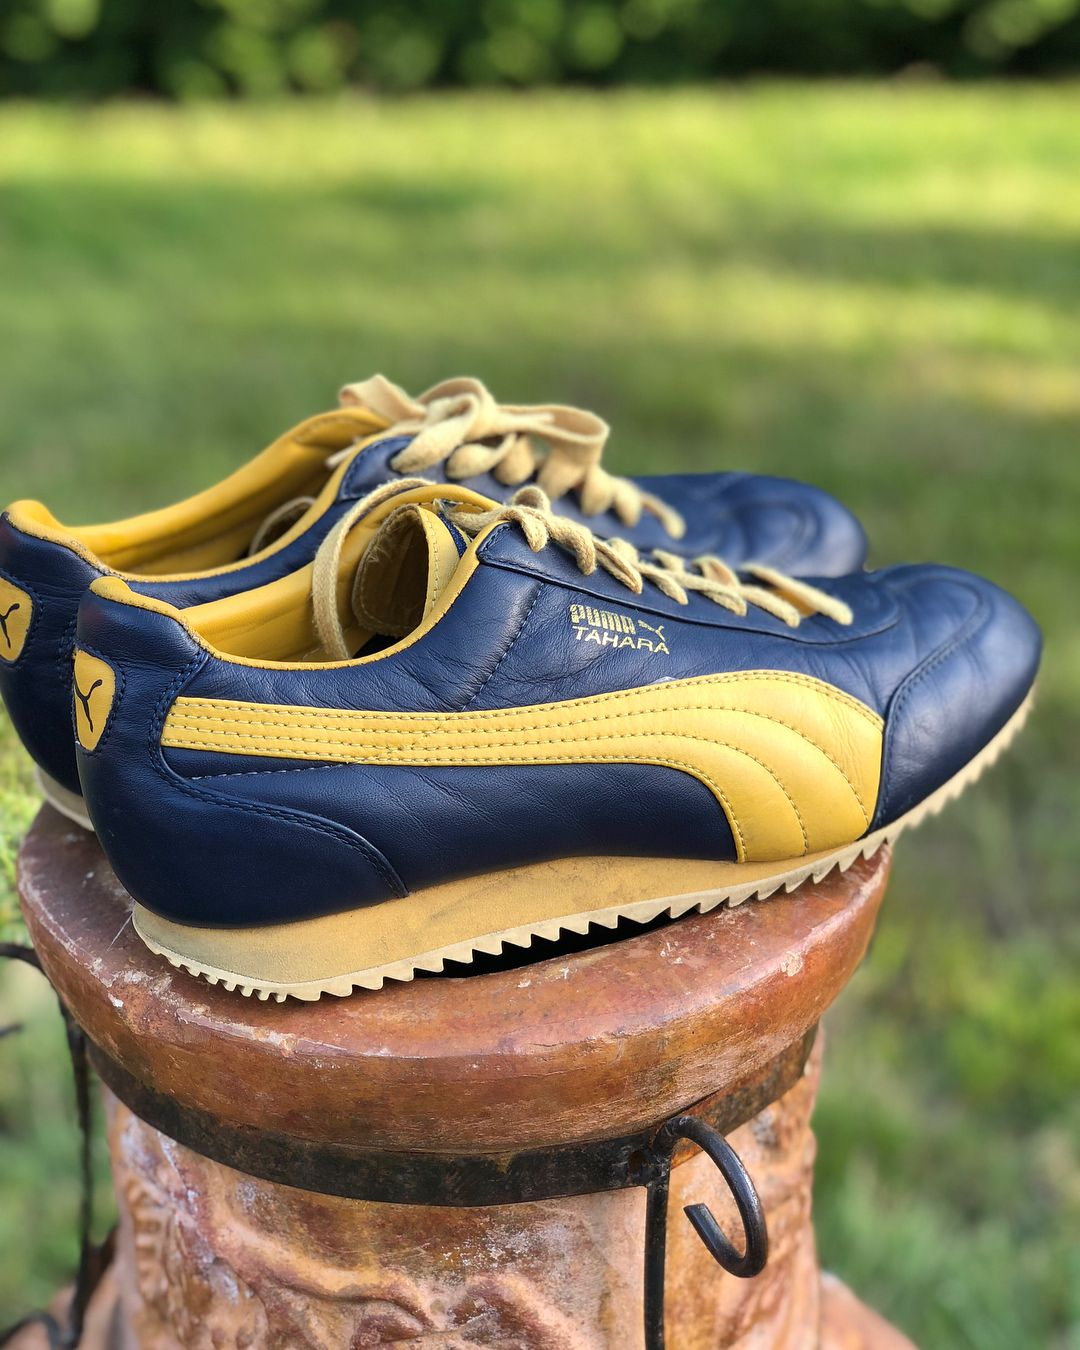 Pumas shoes, Vintage sneakers